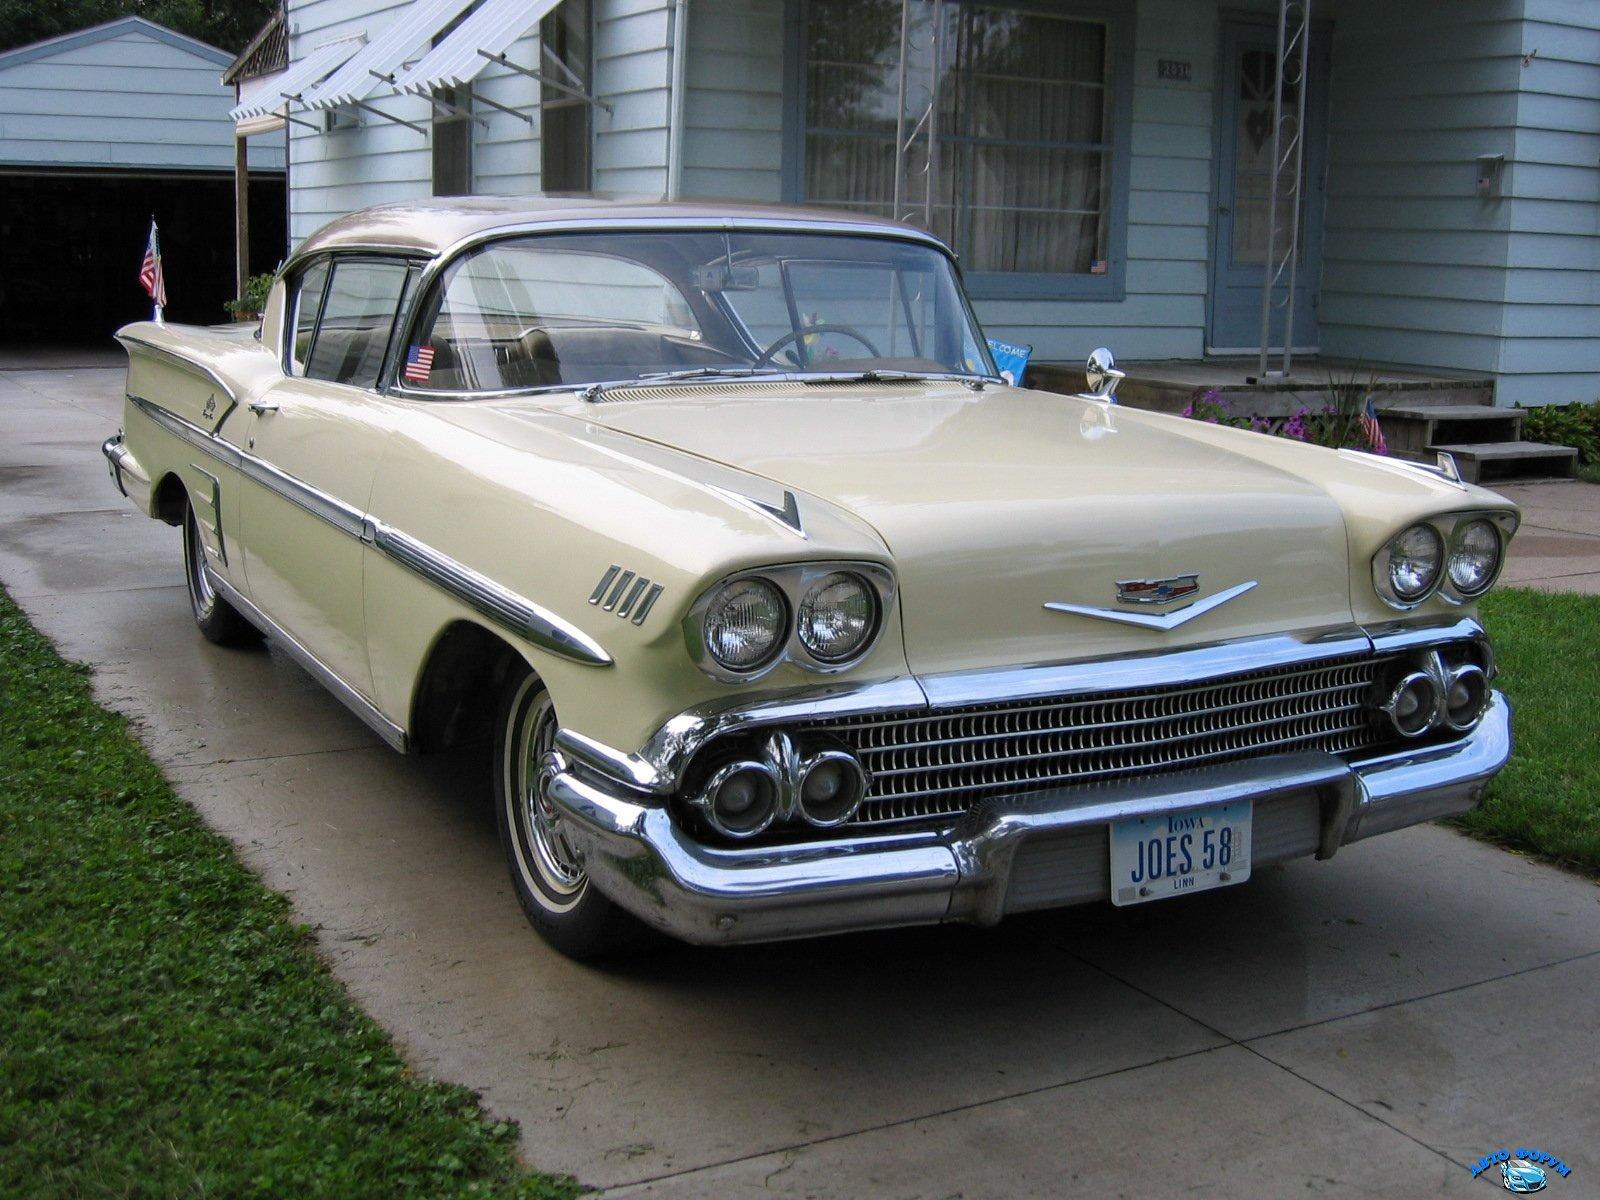 1958_Chevrolet_Impala.jpg